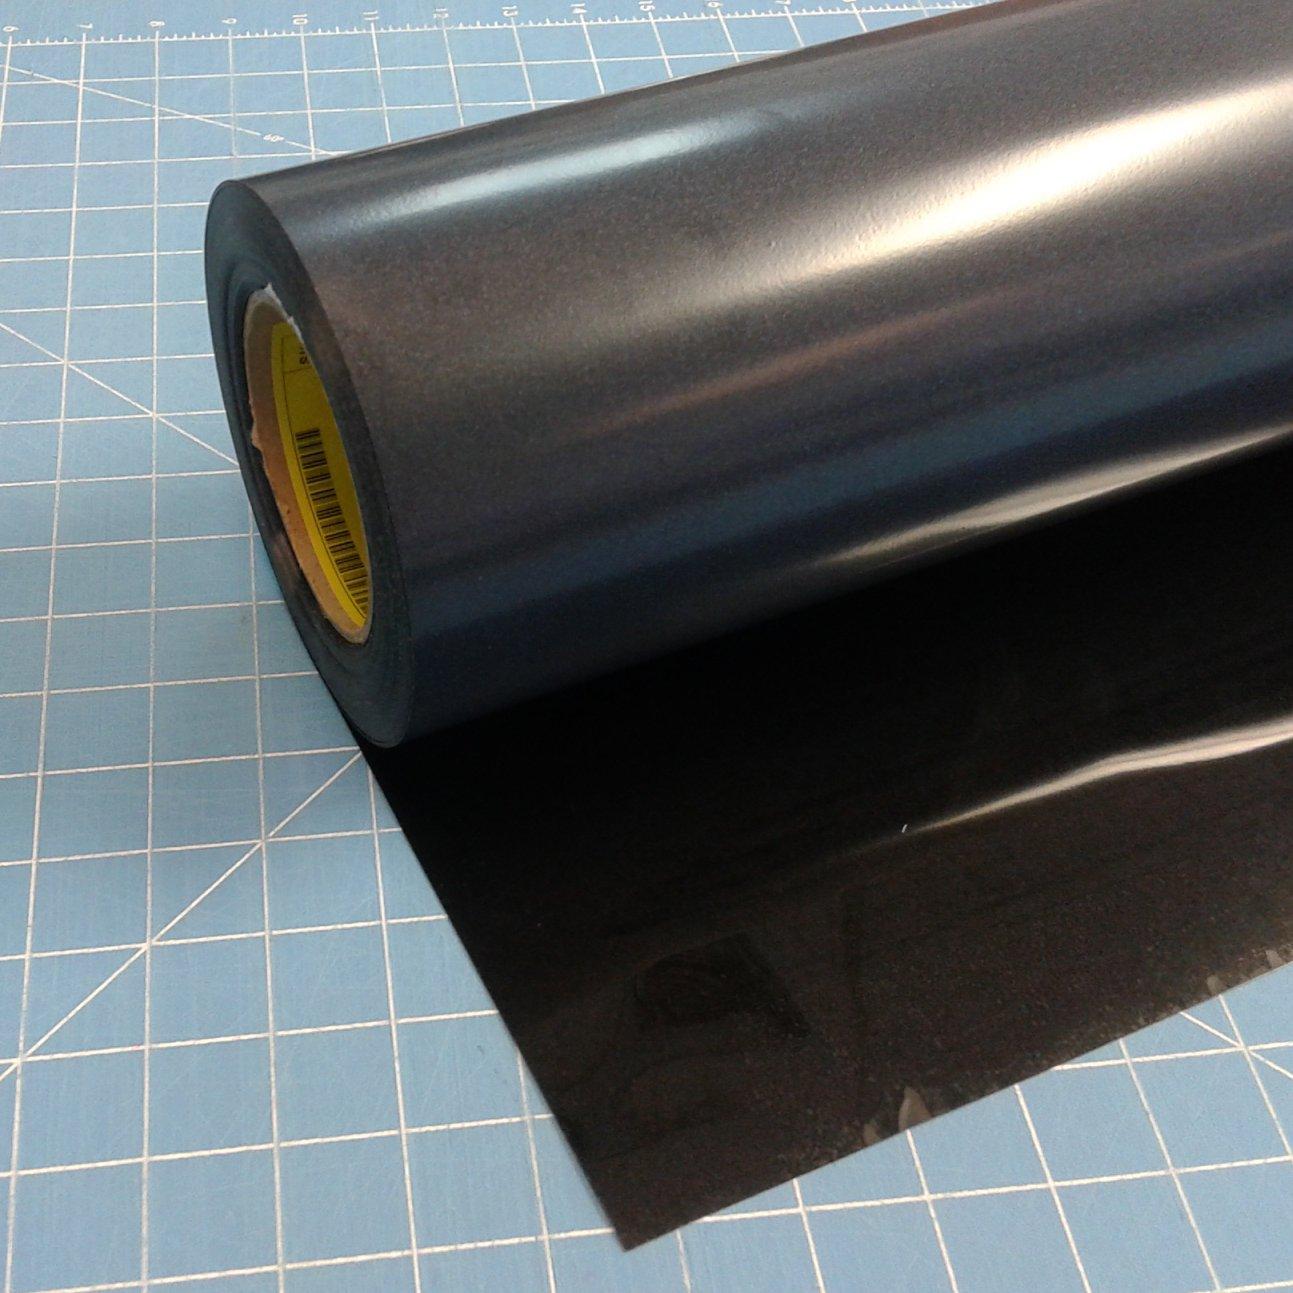 12'' (Inch) Rolls of Siser Iron-on Heat Transfer Vinyl, HTV (Black, 25 Feet)